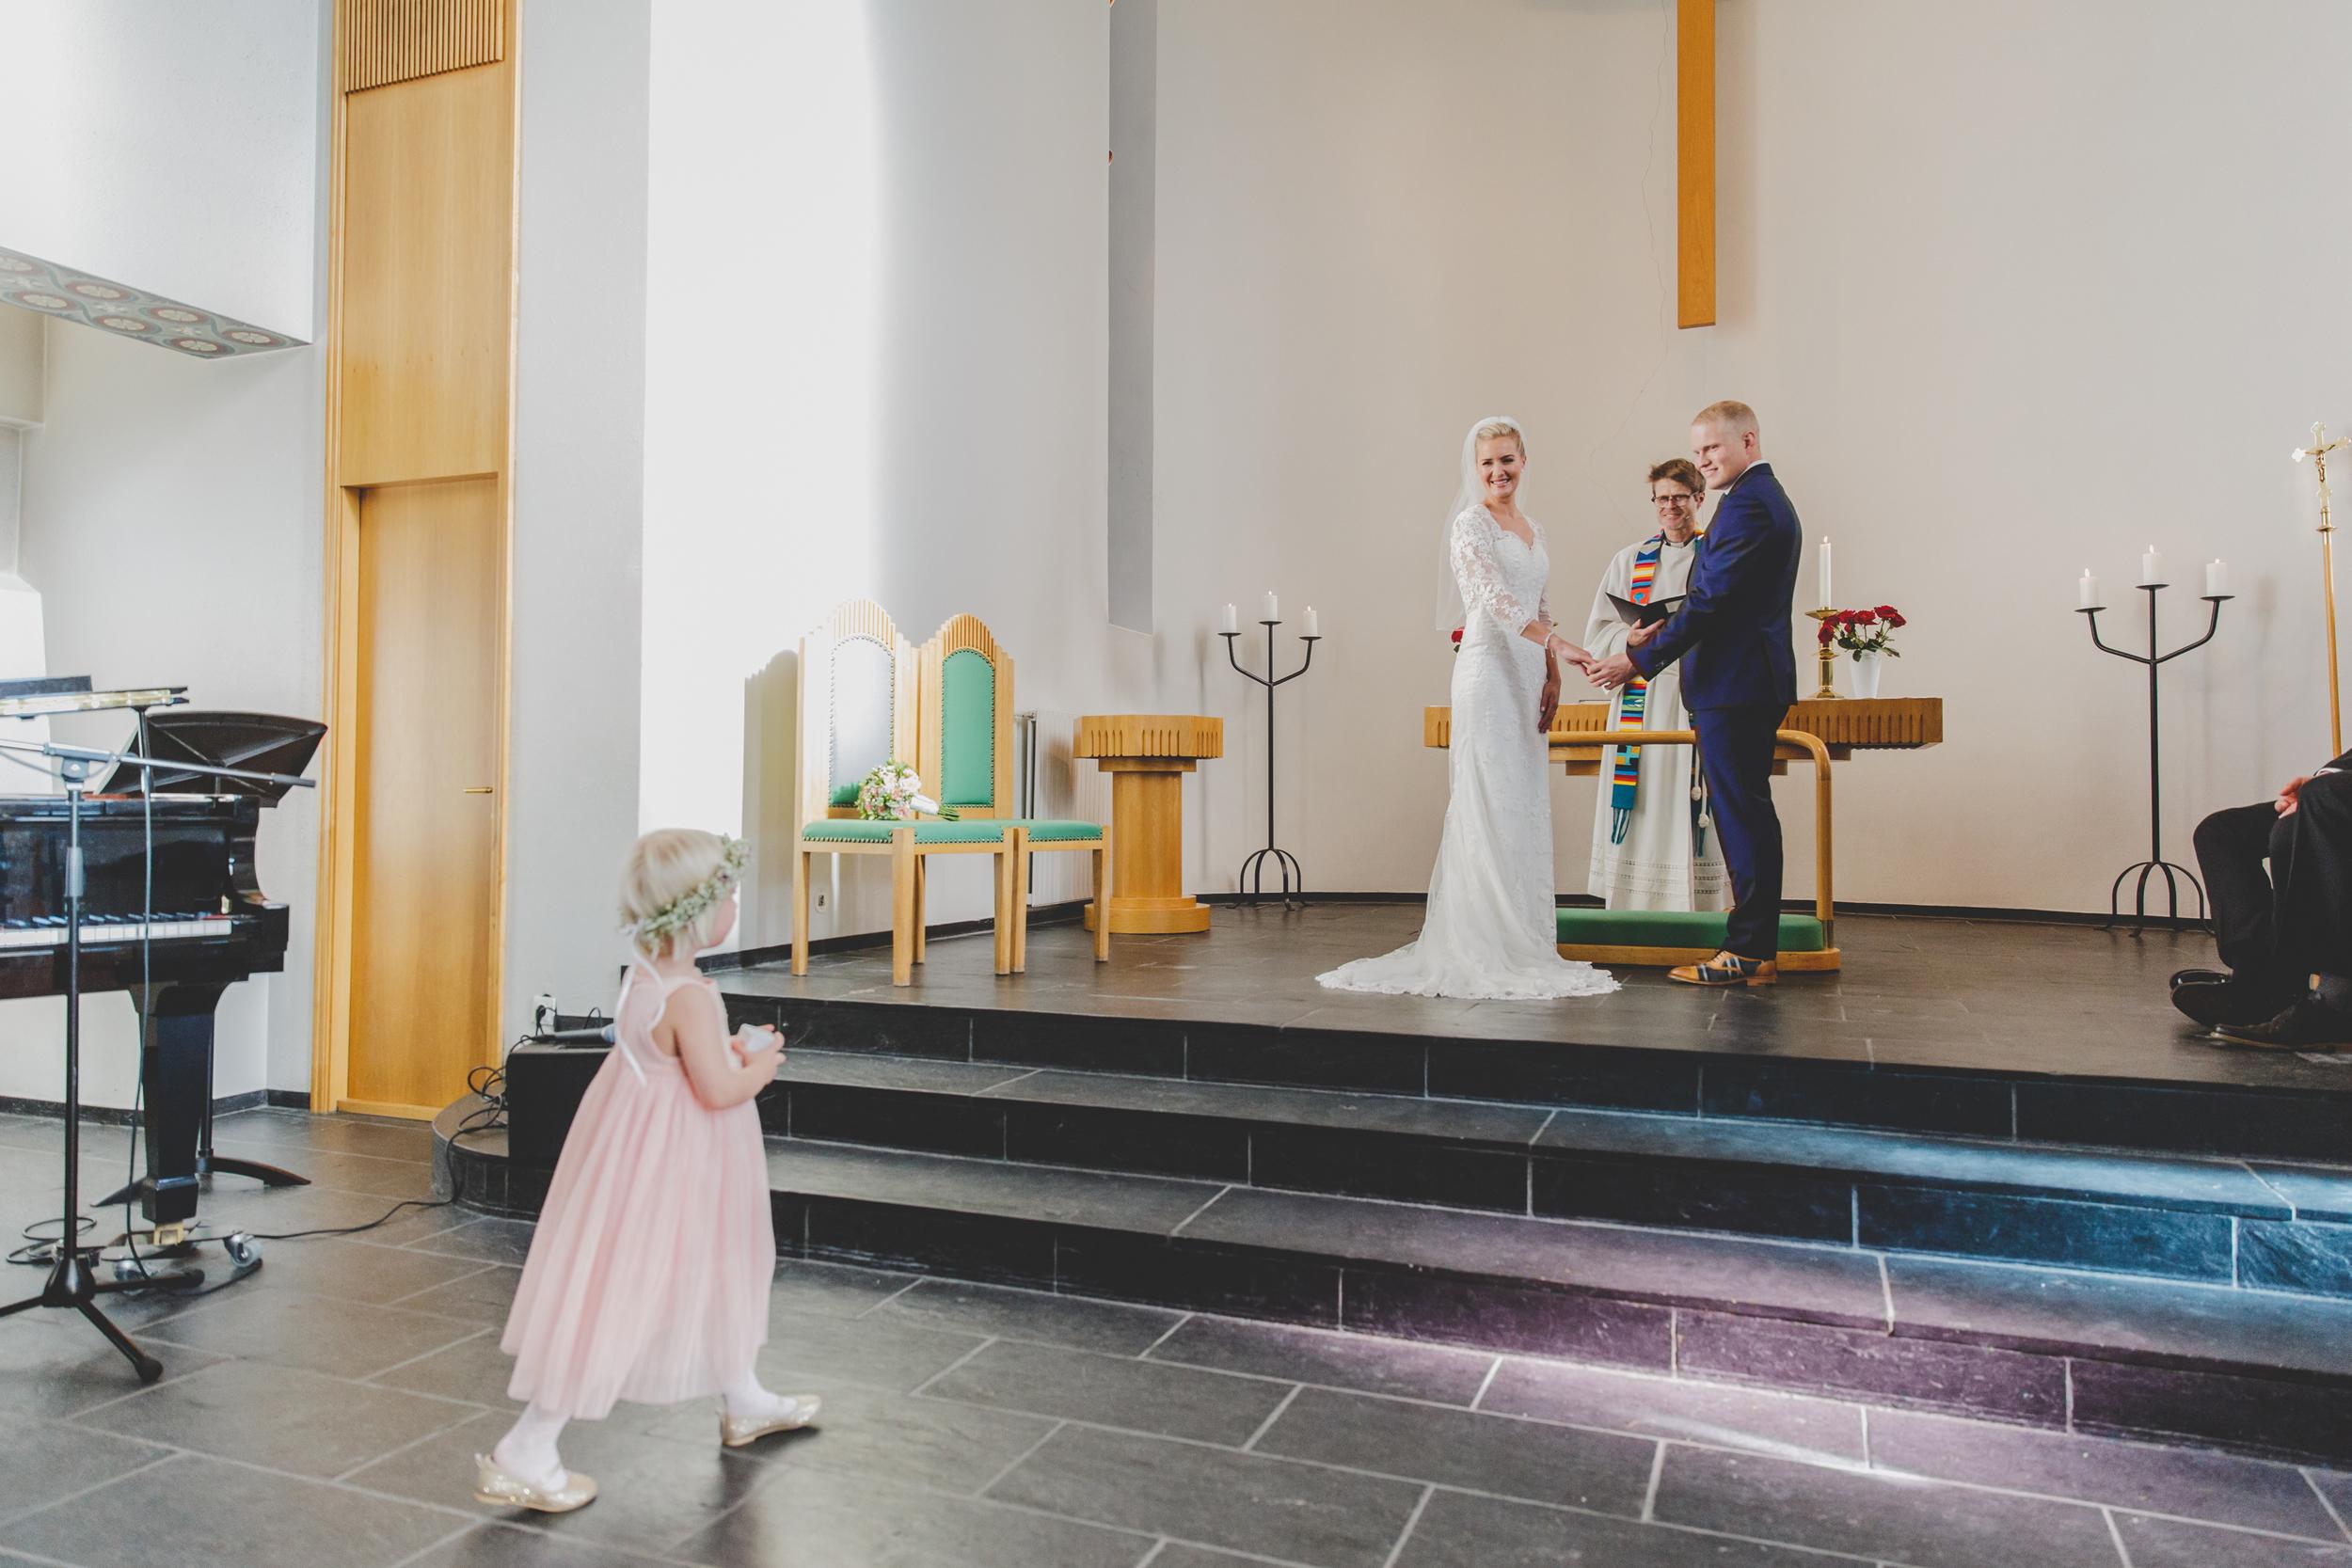 Brudkaup01-073.jpg